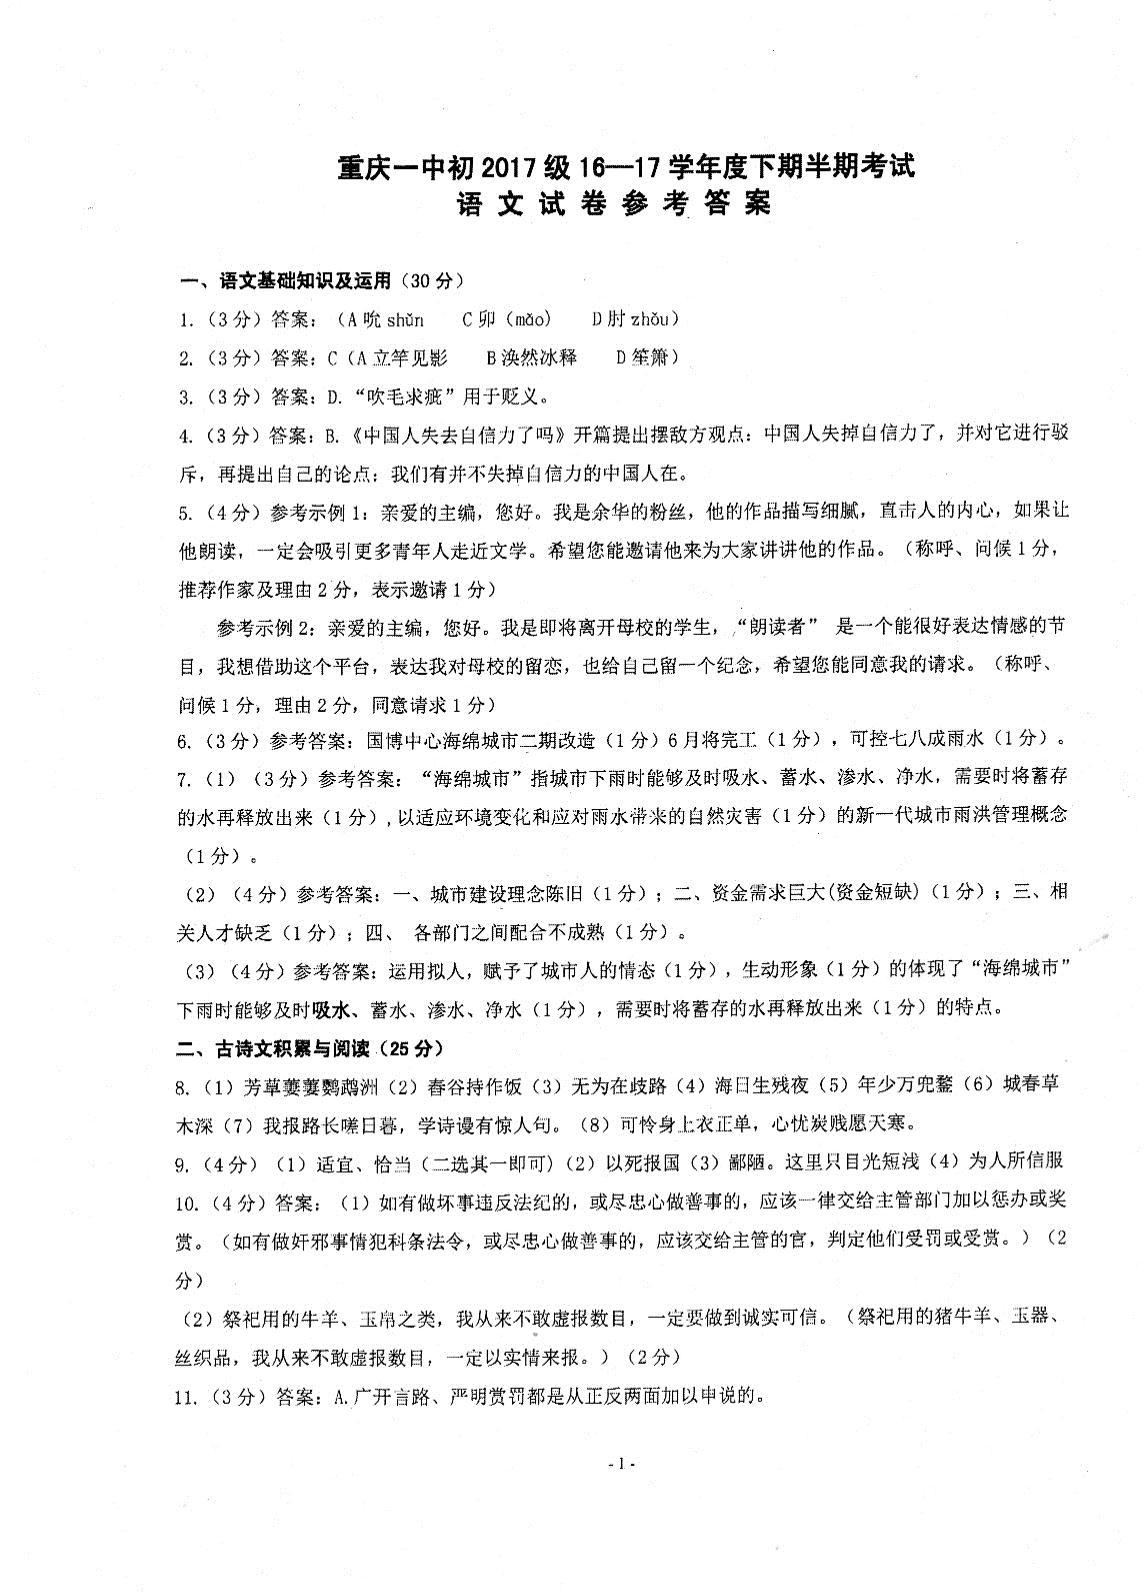 2017重庆一中初三下期中测试语文卷答案图1